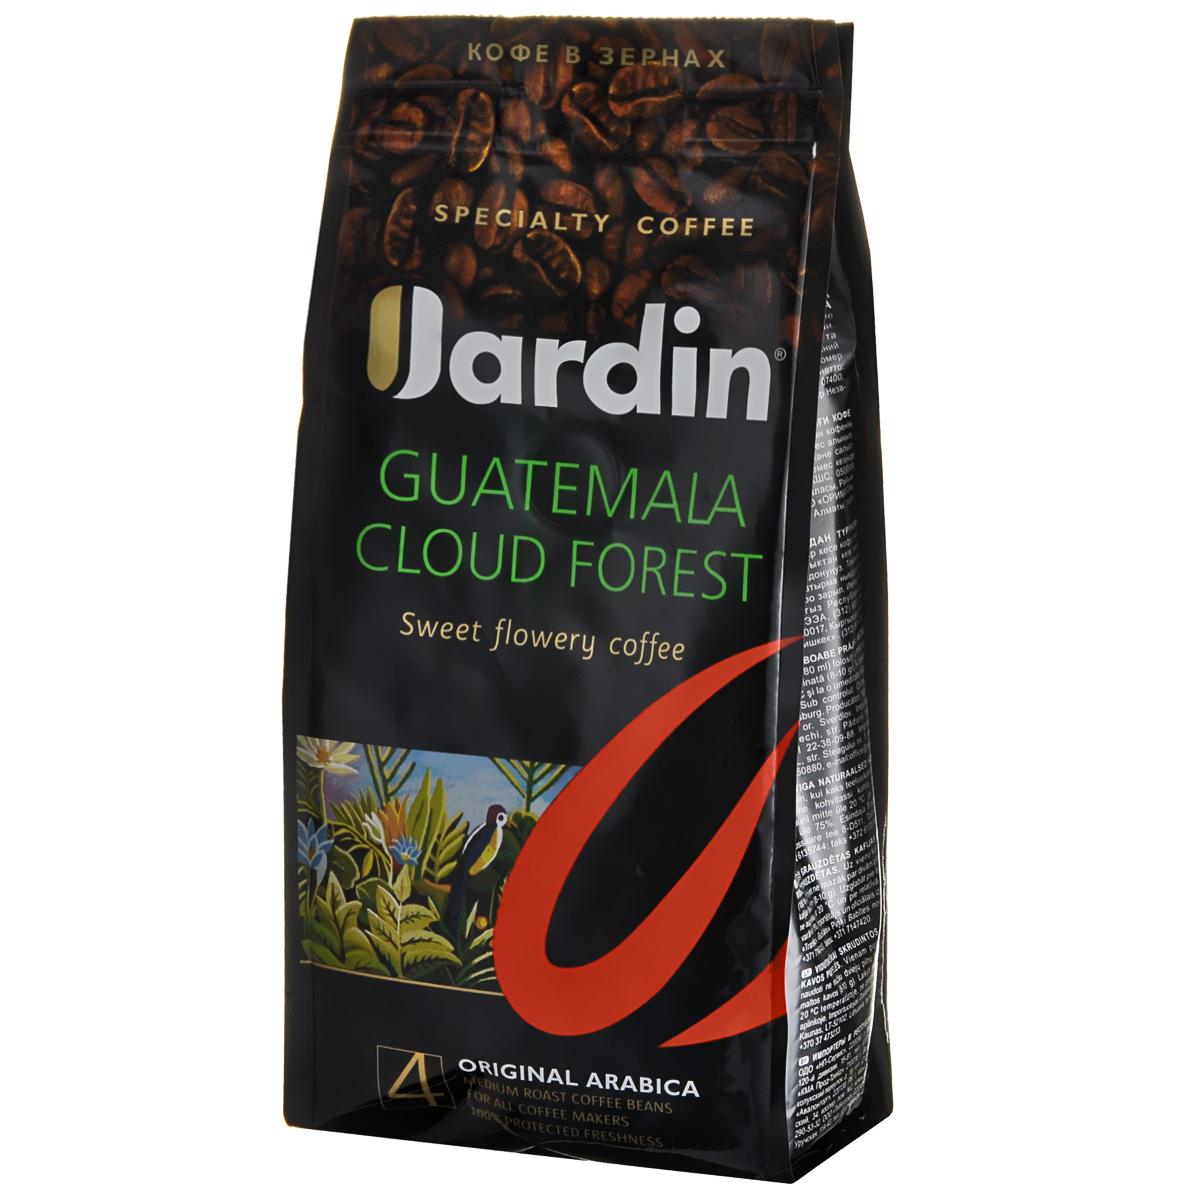 Jardin Guatemala Cloud Forest кофе в зернах, 250 г0566-15Зерновой кофе Jardin Guatemala Cloud Forest отличается своеобразным вкусом - плотным, с тонкой кислинкой и нотами черной смородины, а также долгим послевкусием. Этот сорт кофе выращивают в Гватемале на плодородных почвах вулканического происхождения, во влажном климате субтропических лесов. Кофе: мифы и факты. Статья OZON Гид